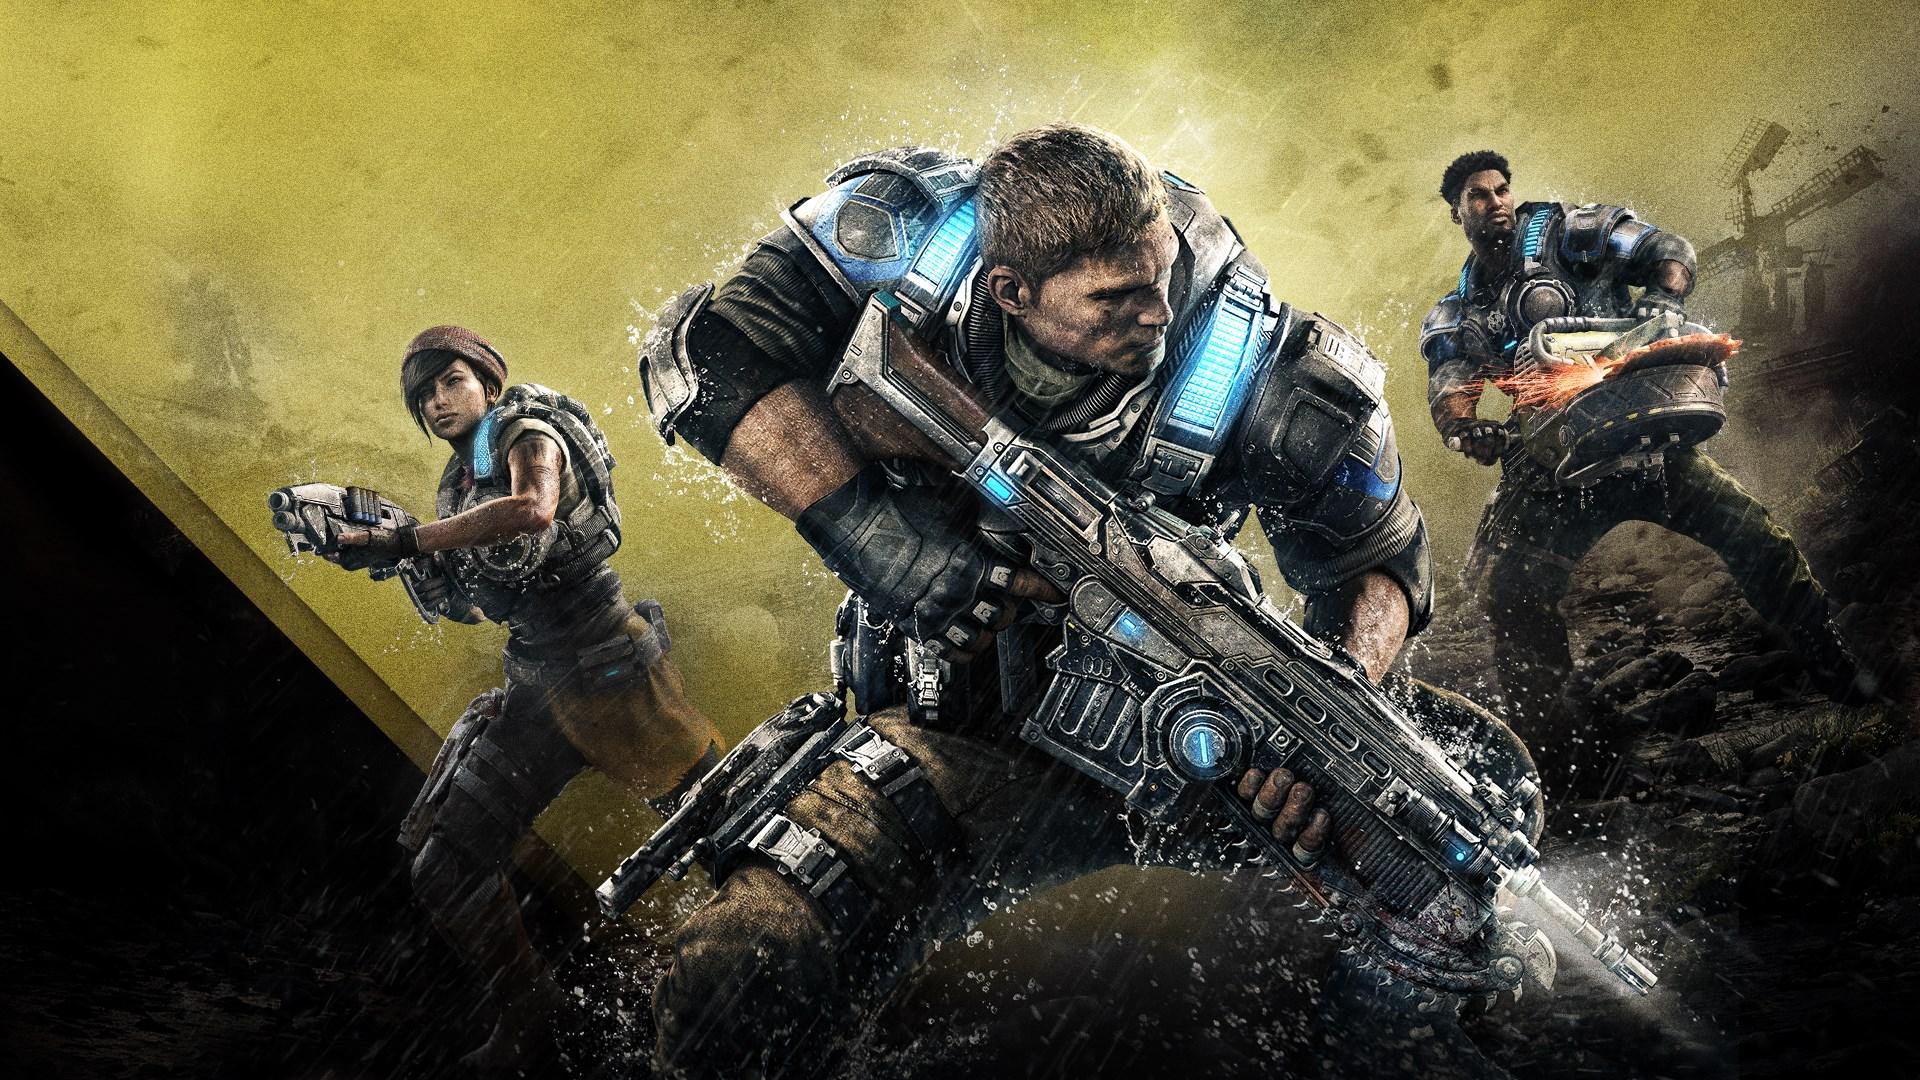 GOW 4 Xbox One